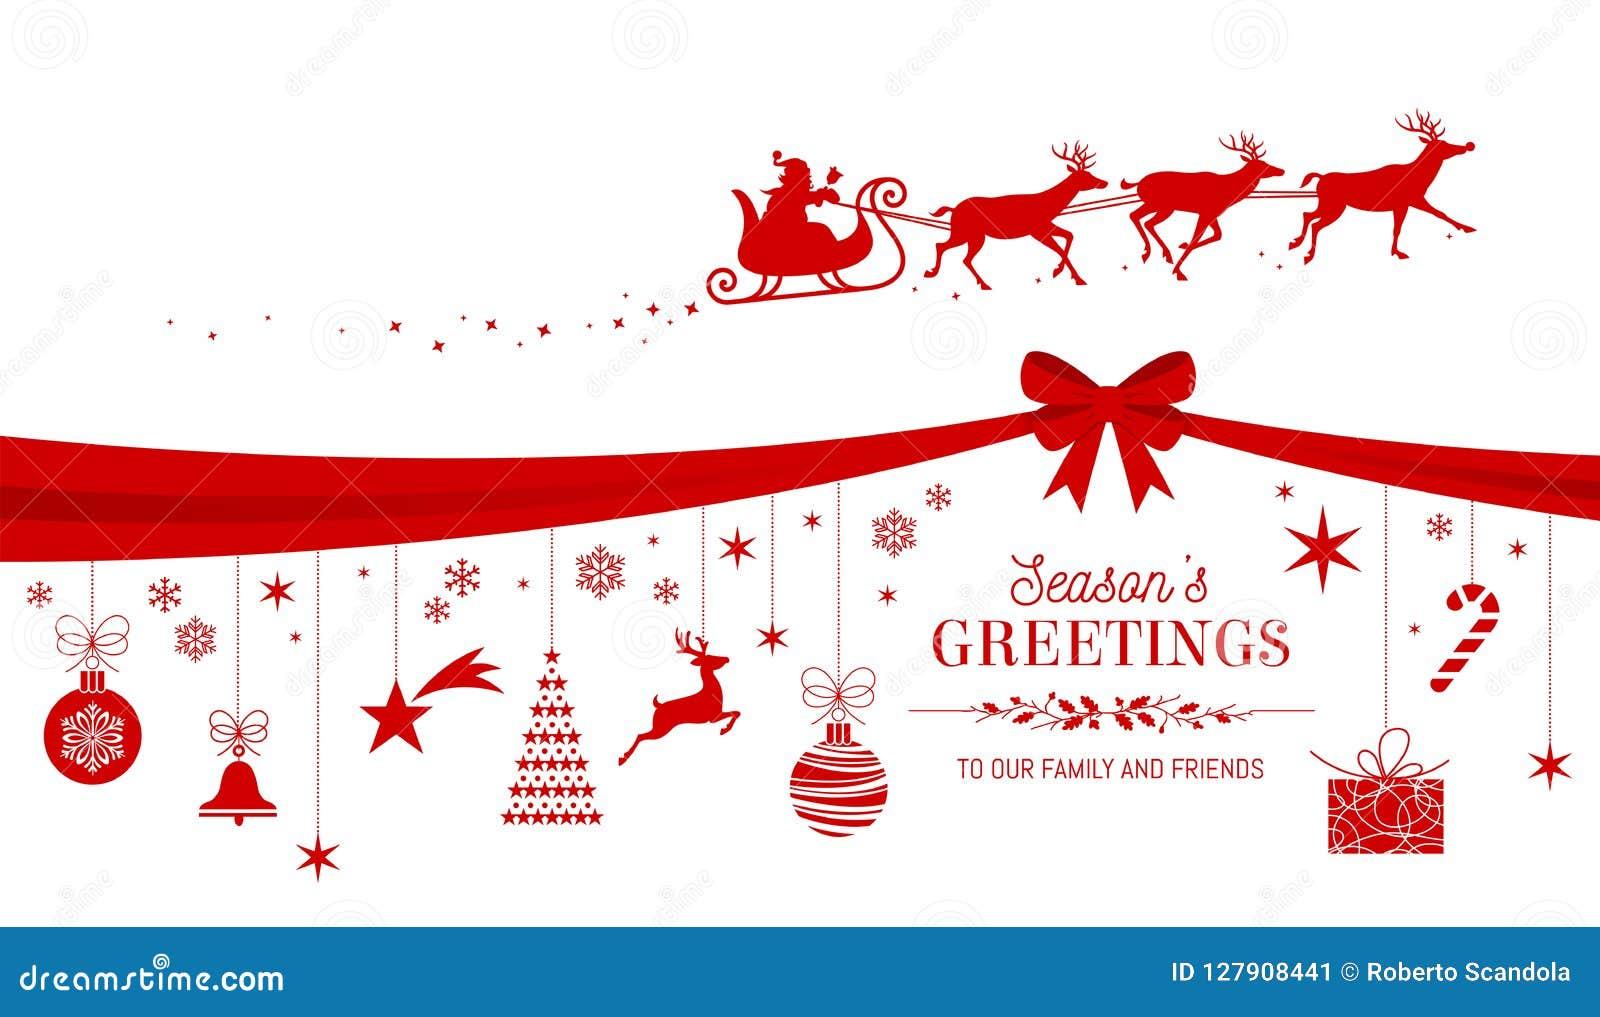 Weihnachtsgrüße Jpg.Design Der Roten Karte Der Weihnachtsgrüße Vektor Abbildung